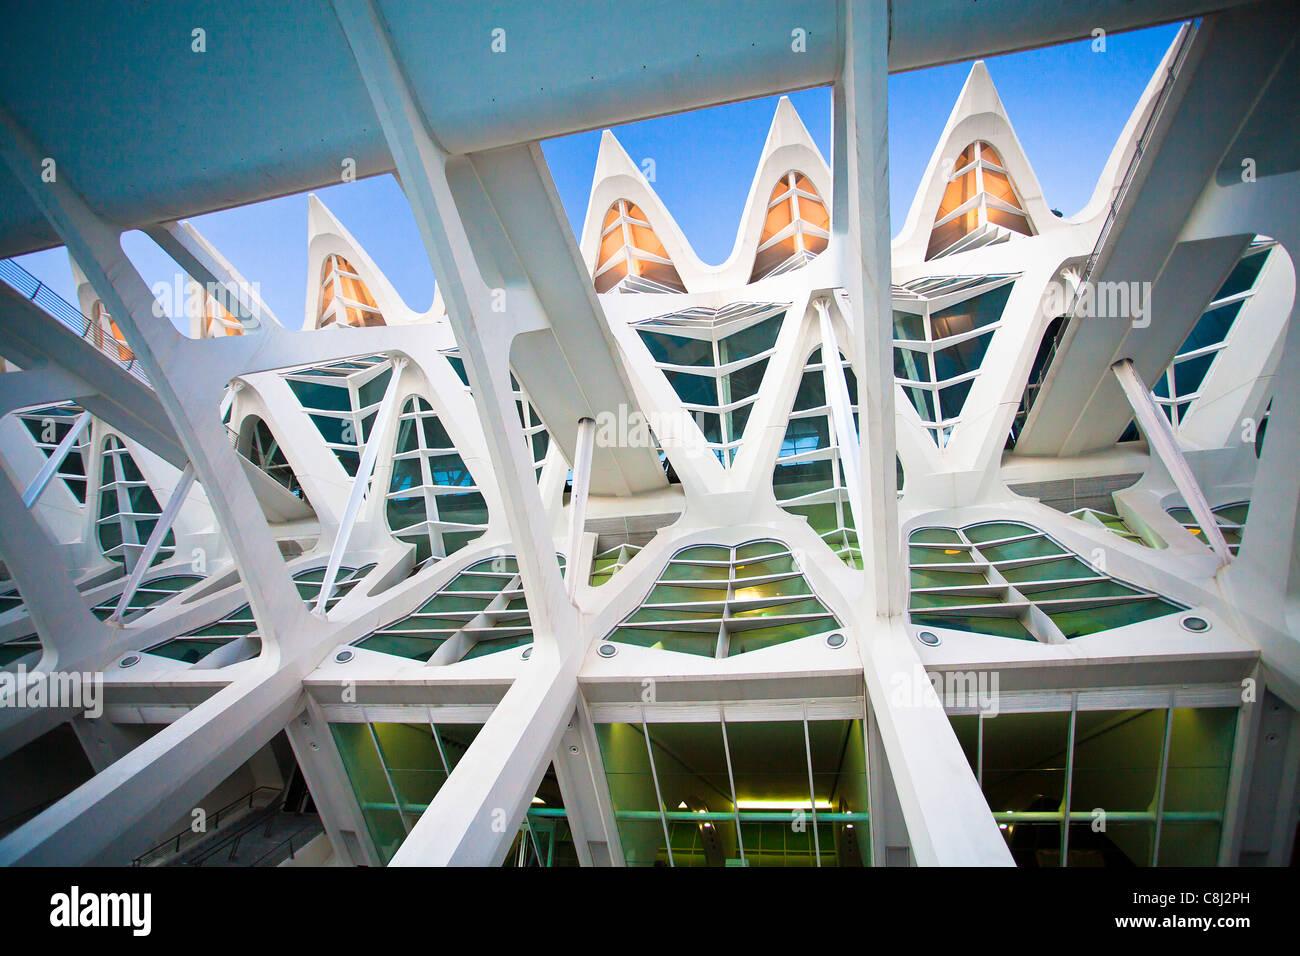 España, Europa, Valencia, Ciudad de las Artes y las Ciencias, Calatrava, la arquitectura moderna, la estructura Imagen De Stock